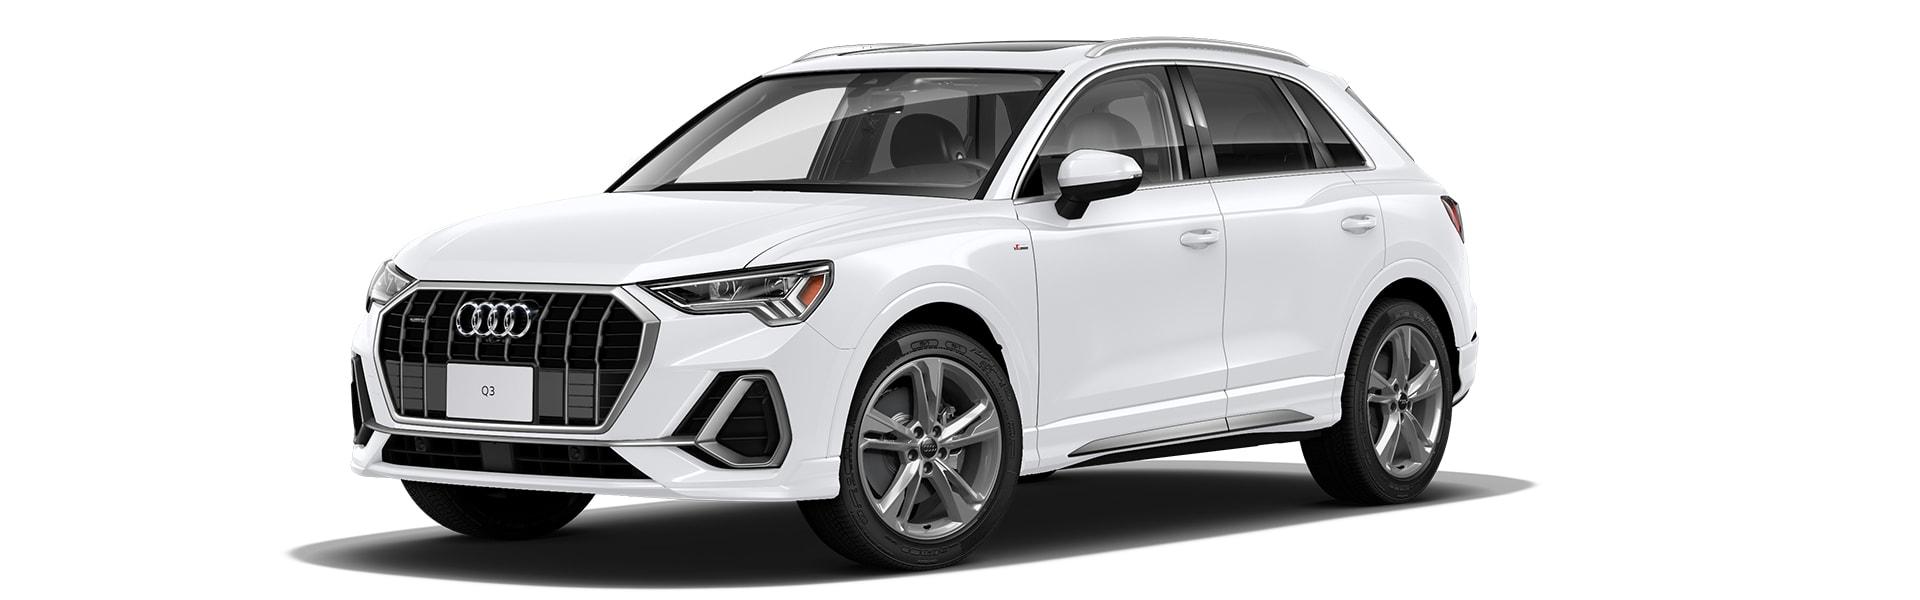 Brand New 2020 Audi Q3